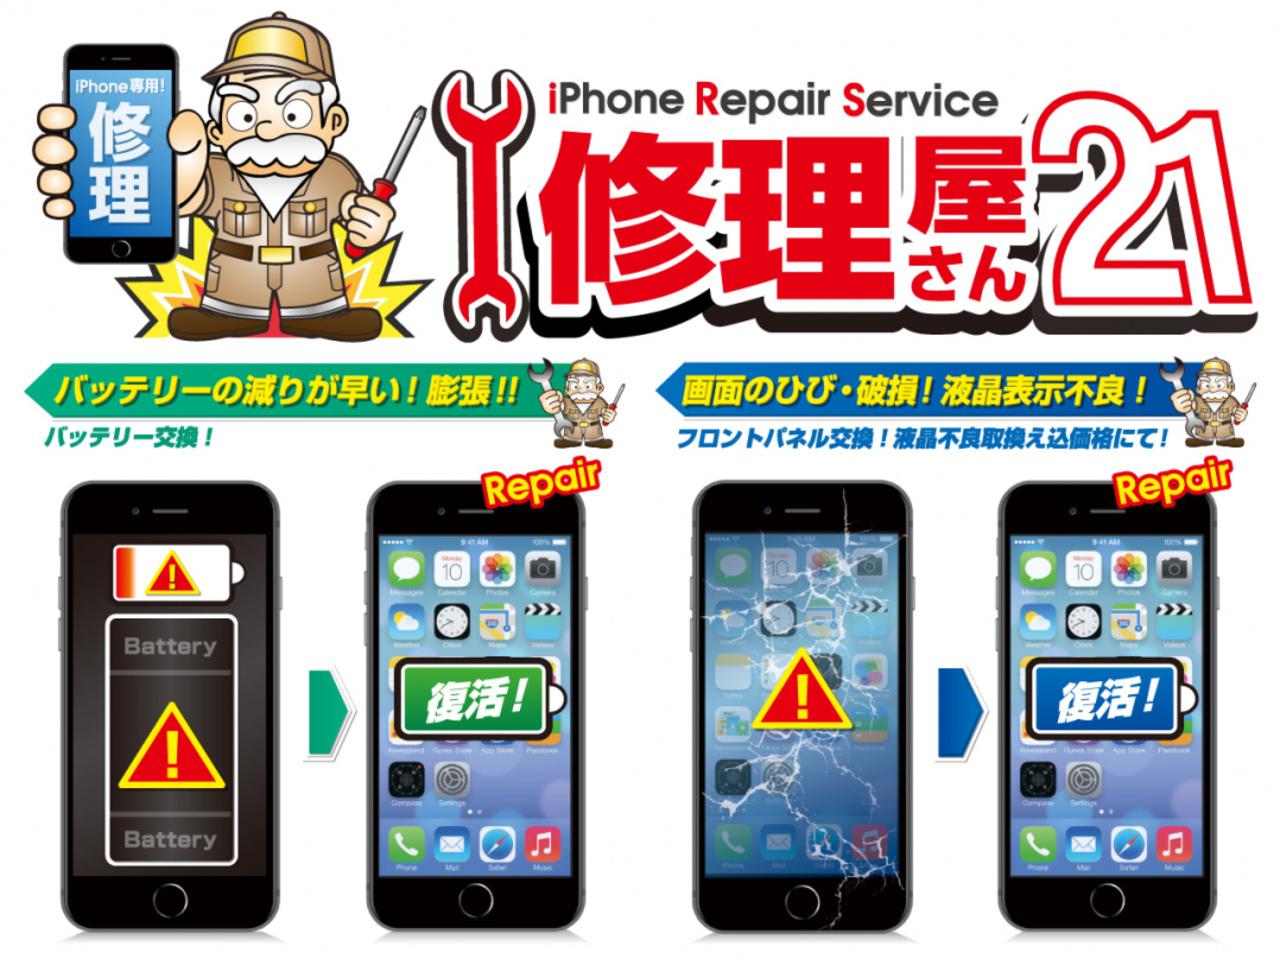 【はんこ屋さん21川崎南店】iPhone修理サービスの受付スタートしました